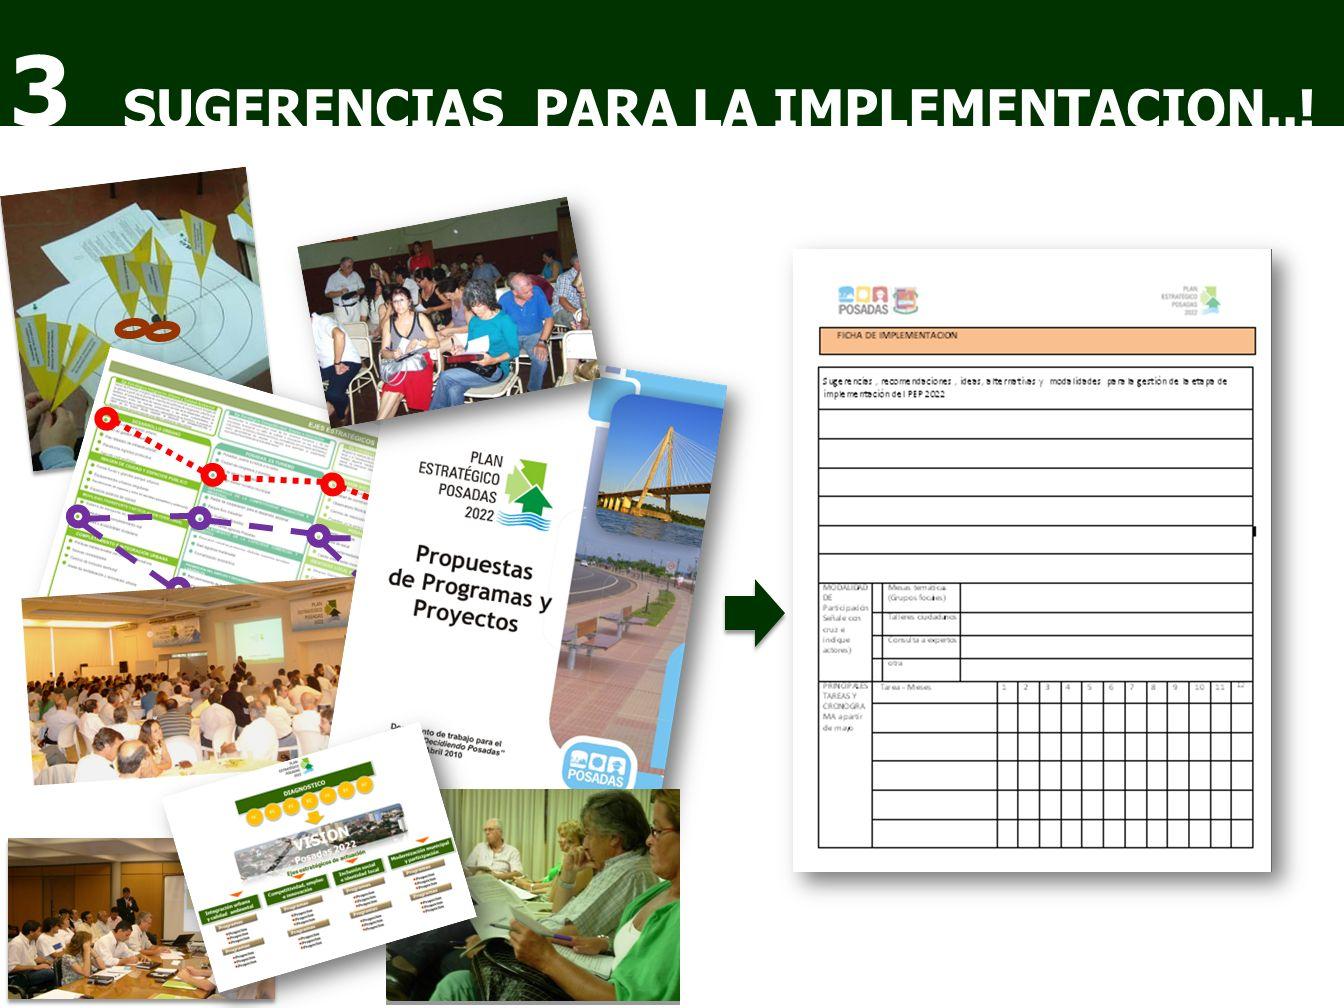 SUGERENCIAS PARA LA IMPLEMENTACION..! 3